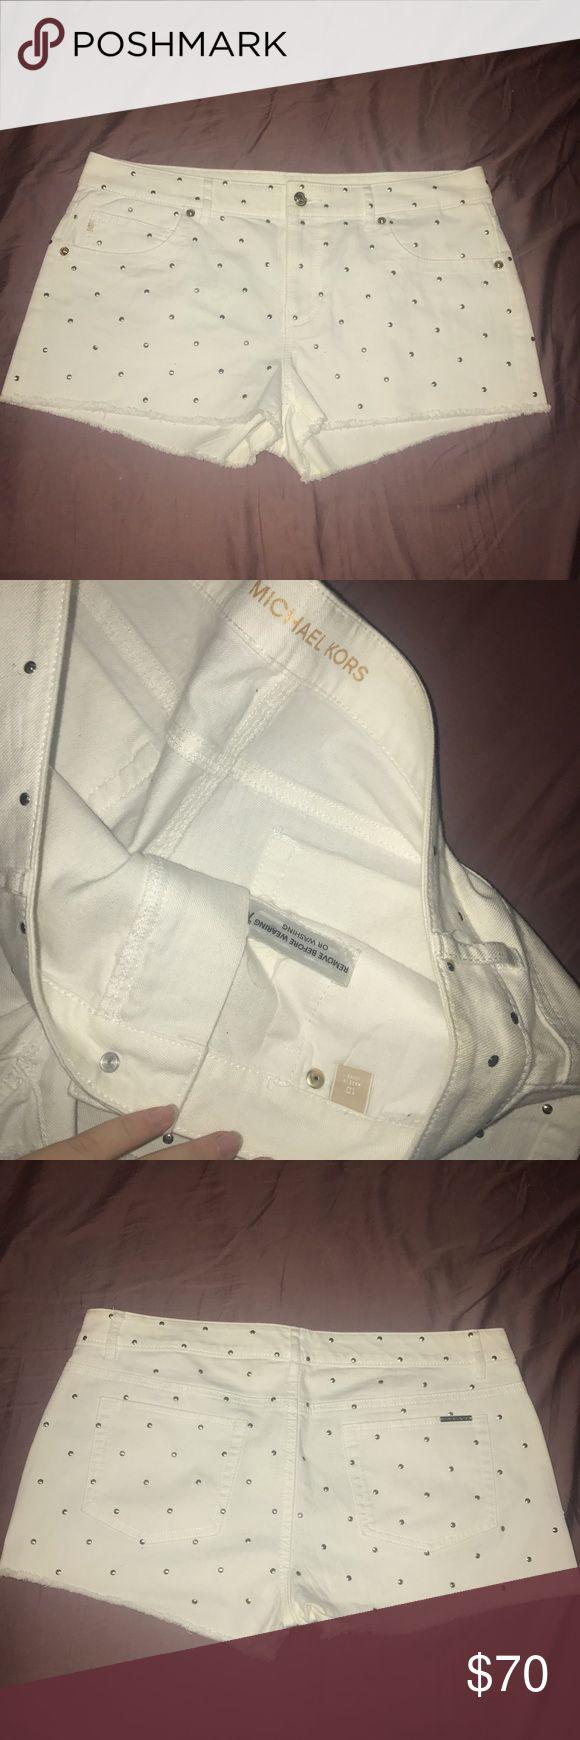 Michael Kors white w/ gold shorts sz 10 Michael Kors white w/ gold shorts sz 10 worn once Michael Kors Shorts